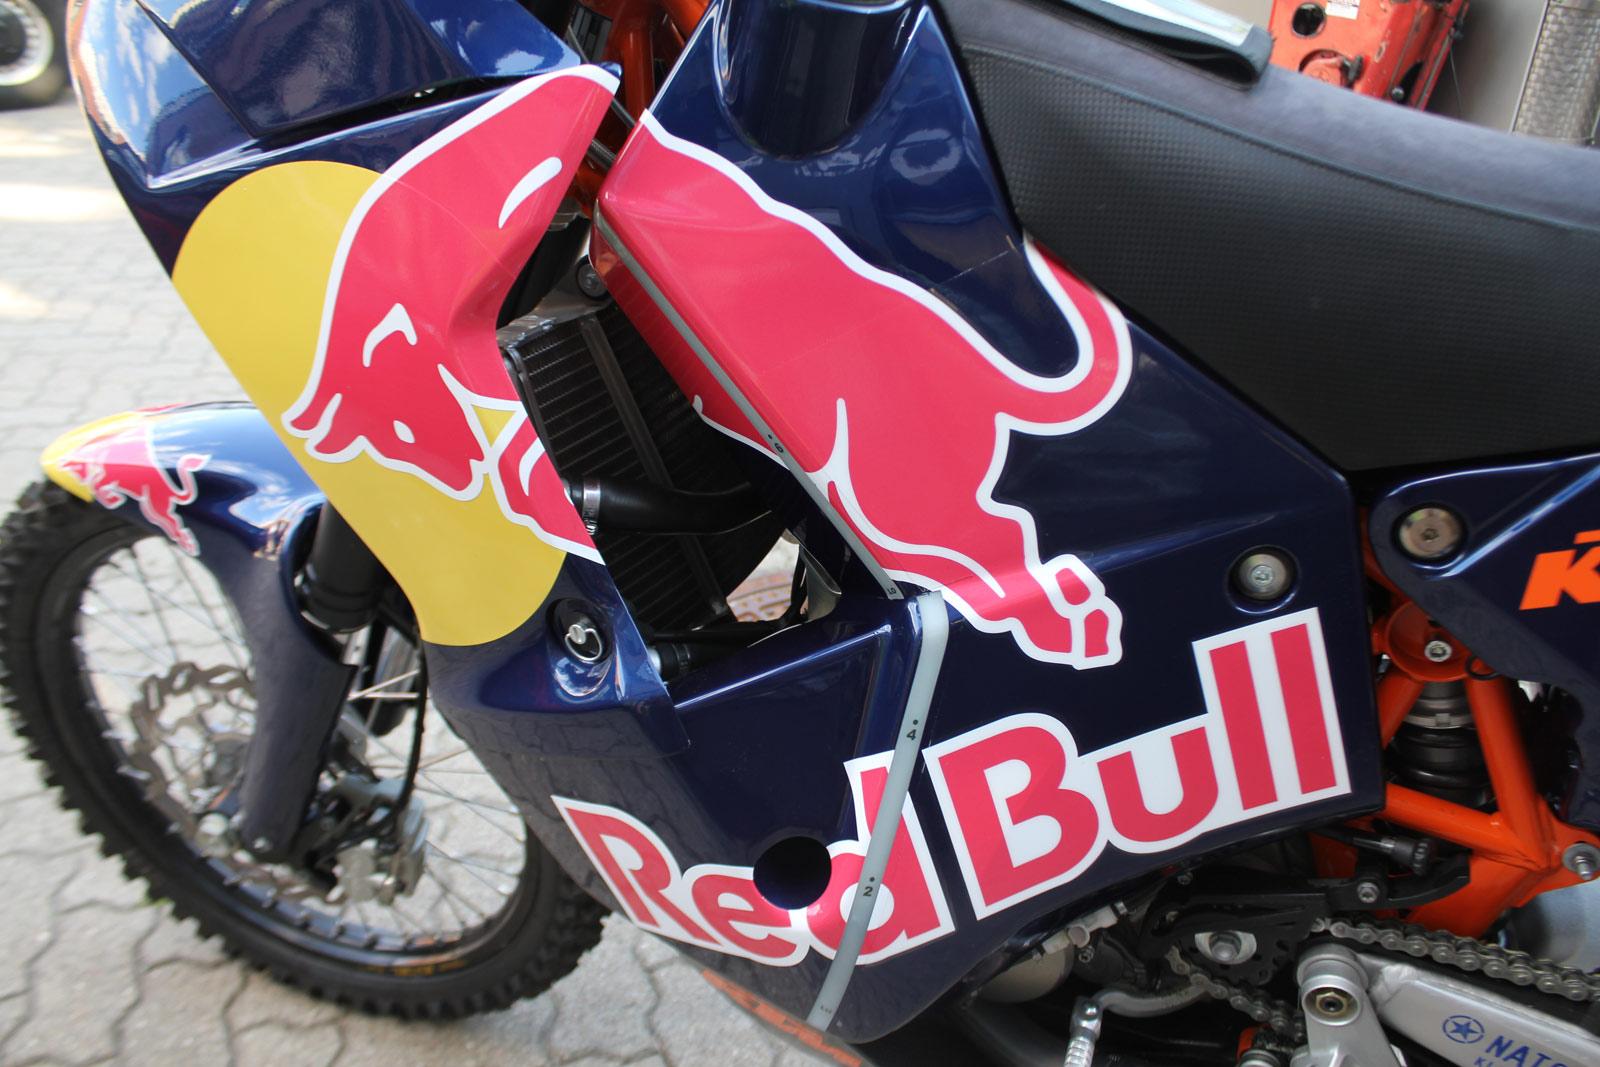 REDBULL_KTM_MOTORRAD_FOLIERUNG_25